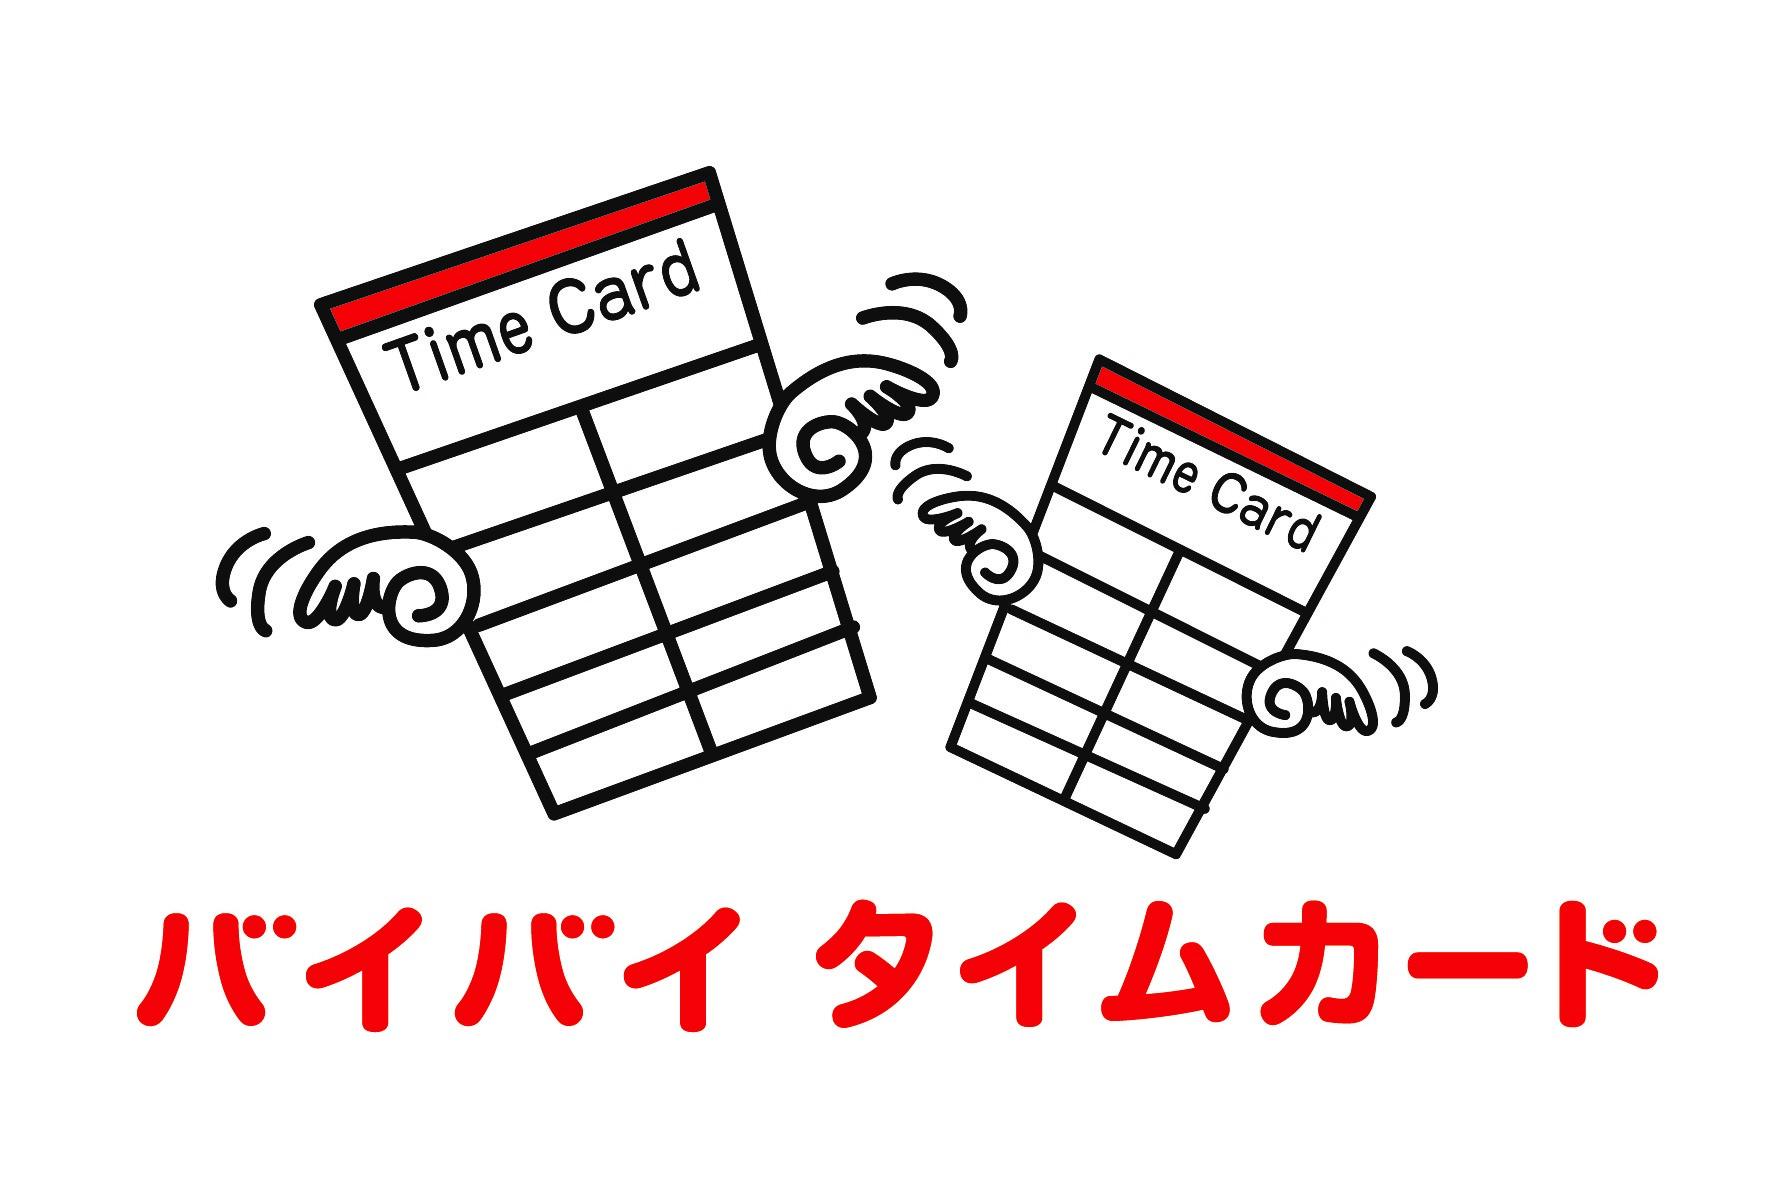 クラウド勤怠管理システム「バイバイ タイムカード」